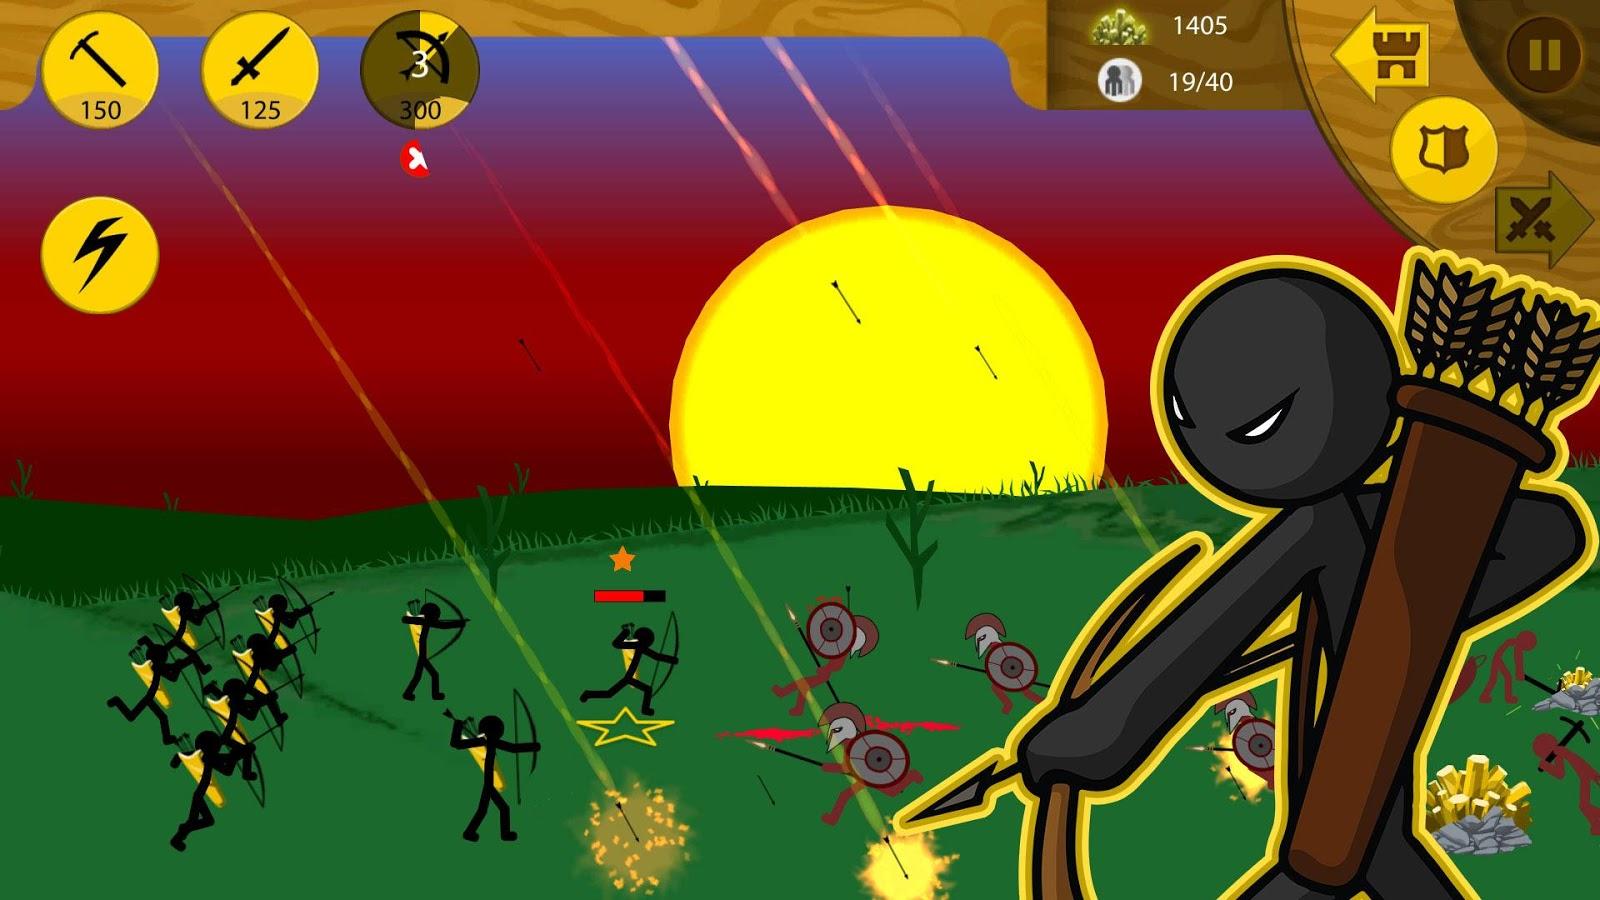 Böyle farklı, eğlenceli ve büyüleyici flash oyunlar